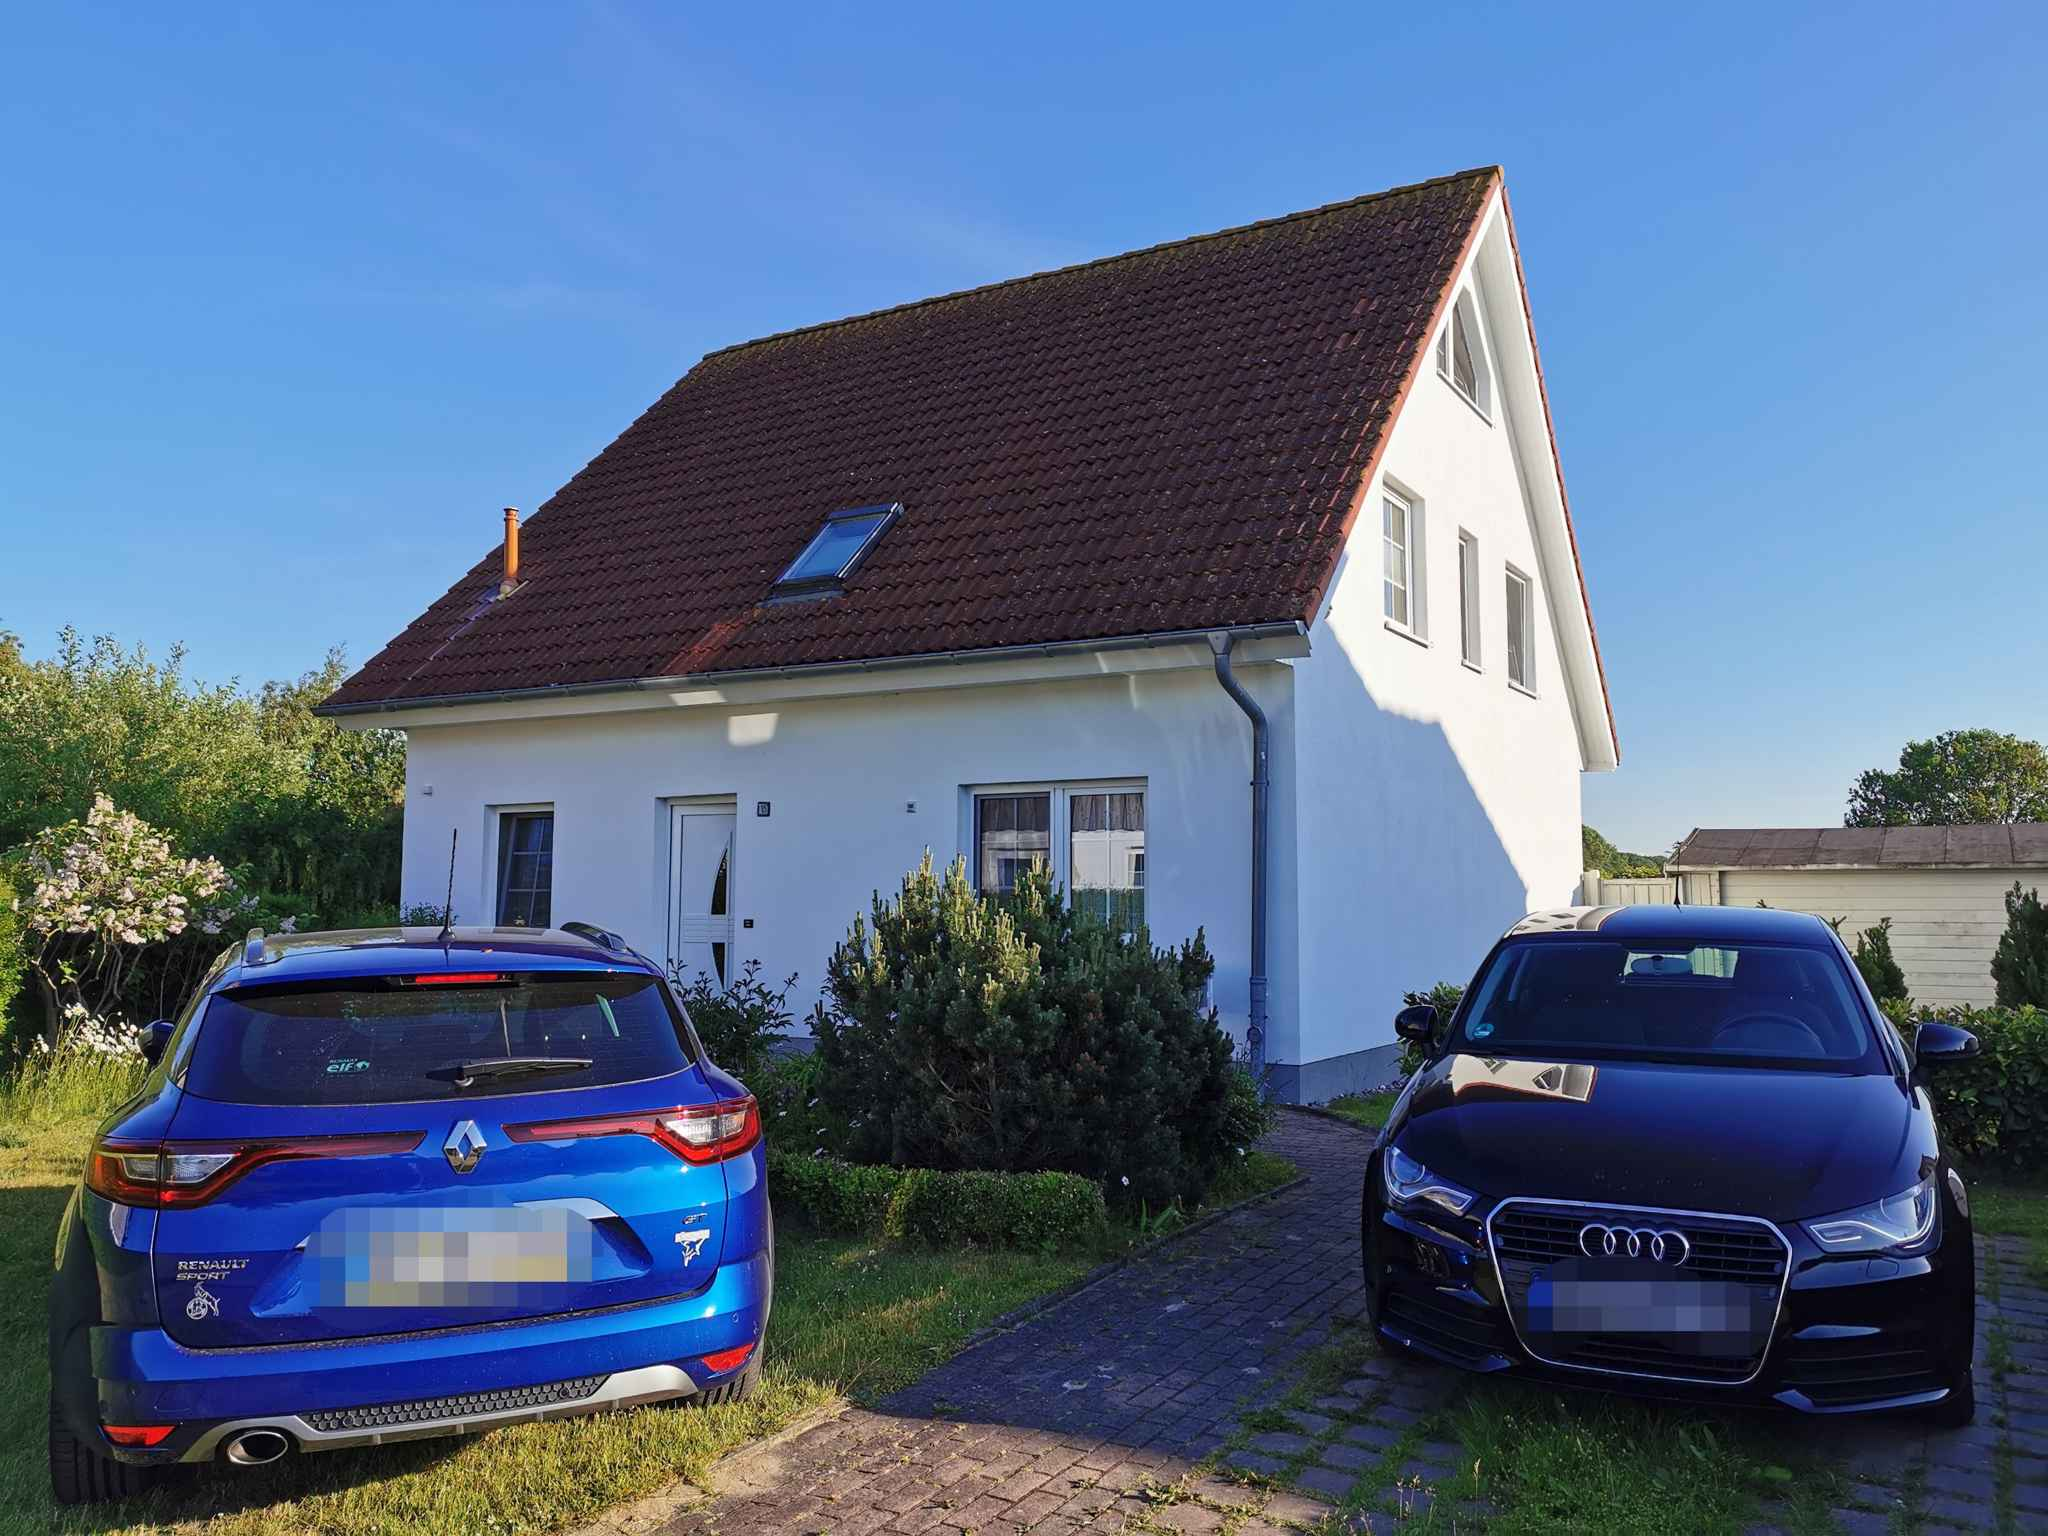 Ferienwohnung mit Garten, direkt im Kranichrastgebiet (360789), Klausdorf, Stralsund, Mecklenburg-Vorpommern, Deutschland, Bild 10